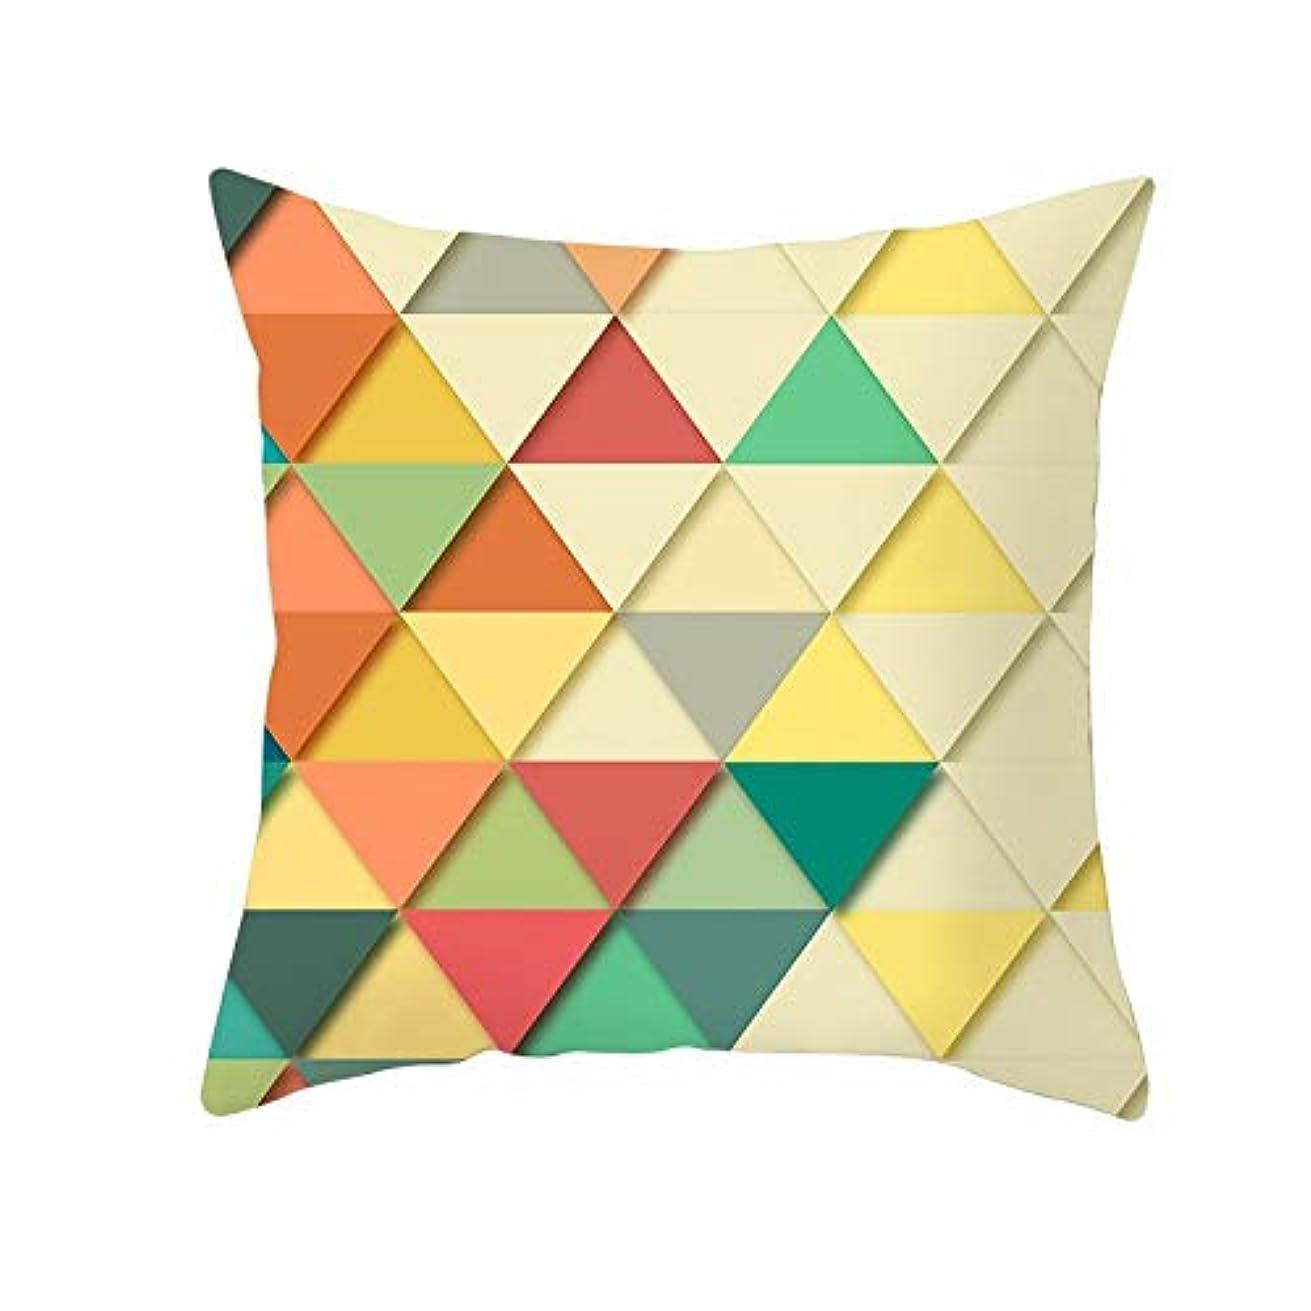 ちなみにリットル圧縮されたLIFE 装飾クッションソファ 幾何学プリントポリエステル正方形の枕ソファスロークッション家の装飾 coussin デ長椅子 クッション 椅子